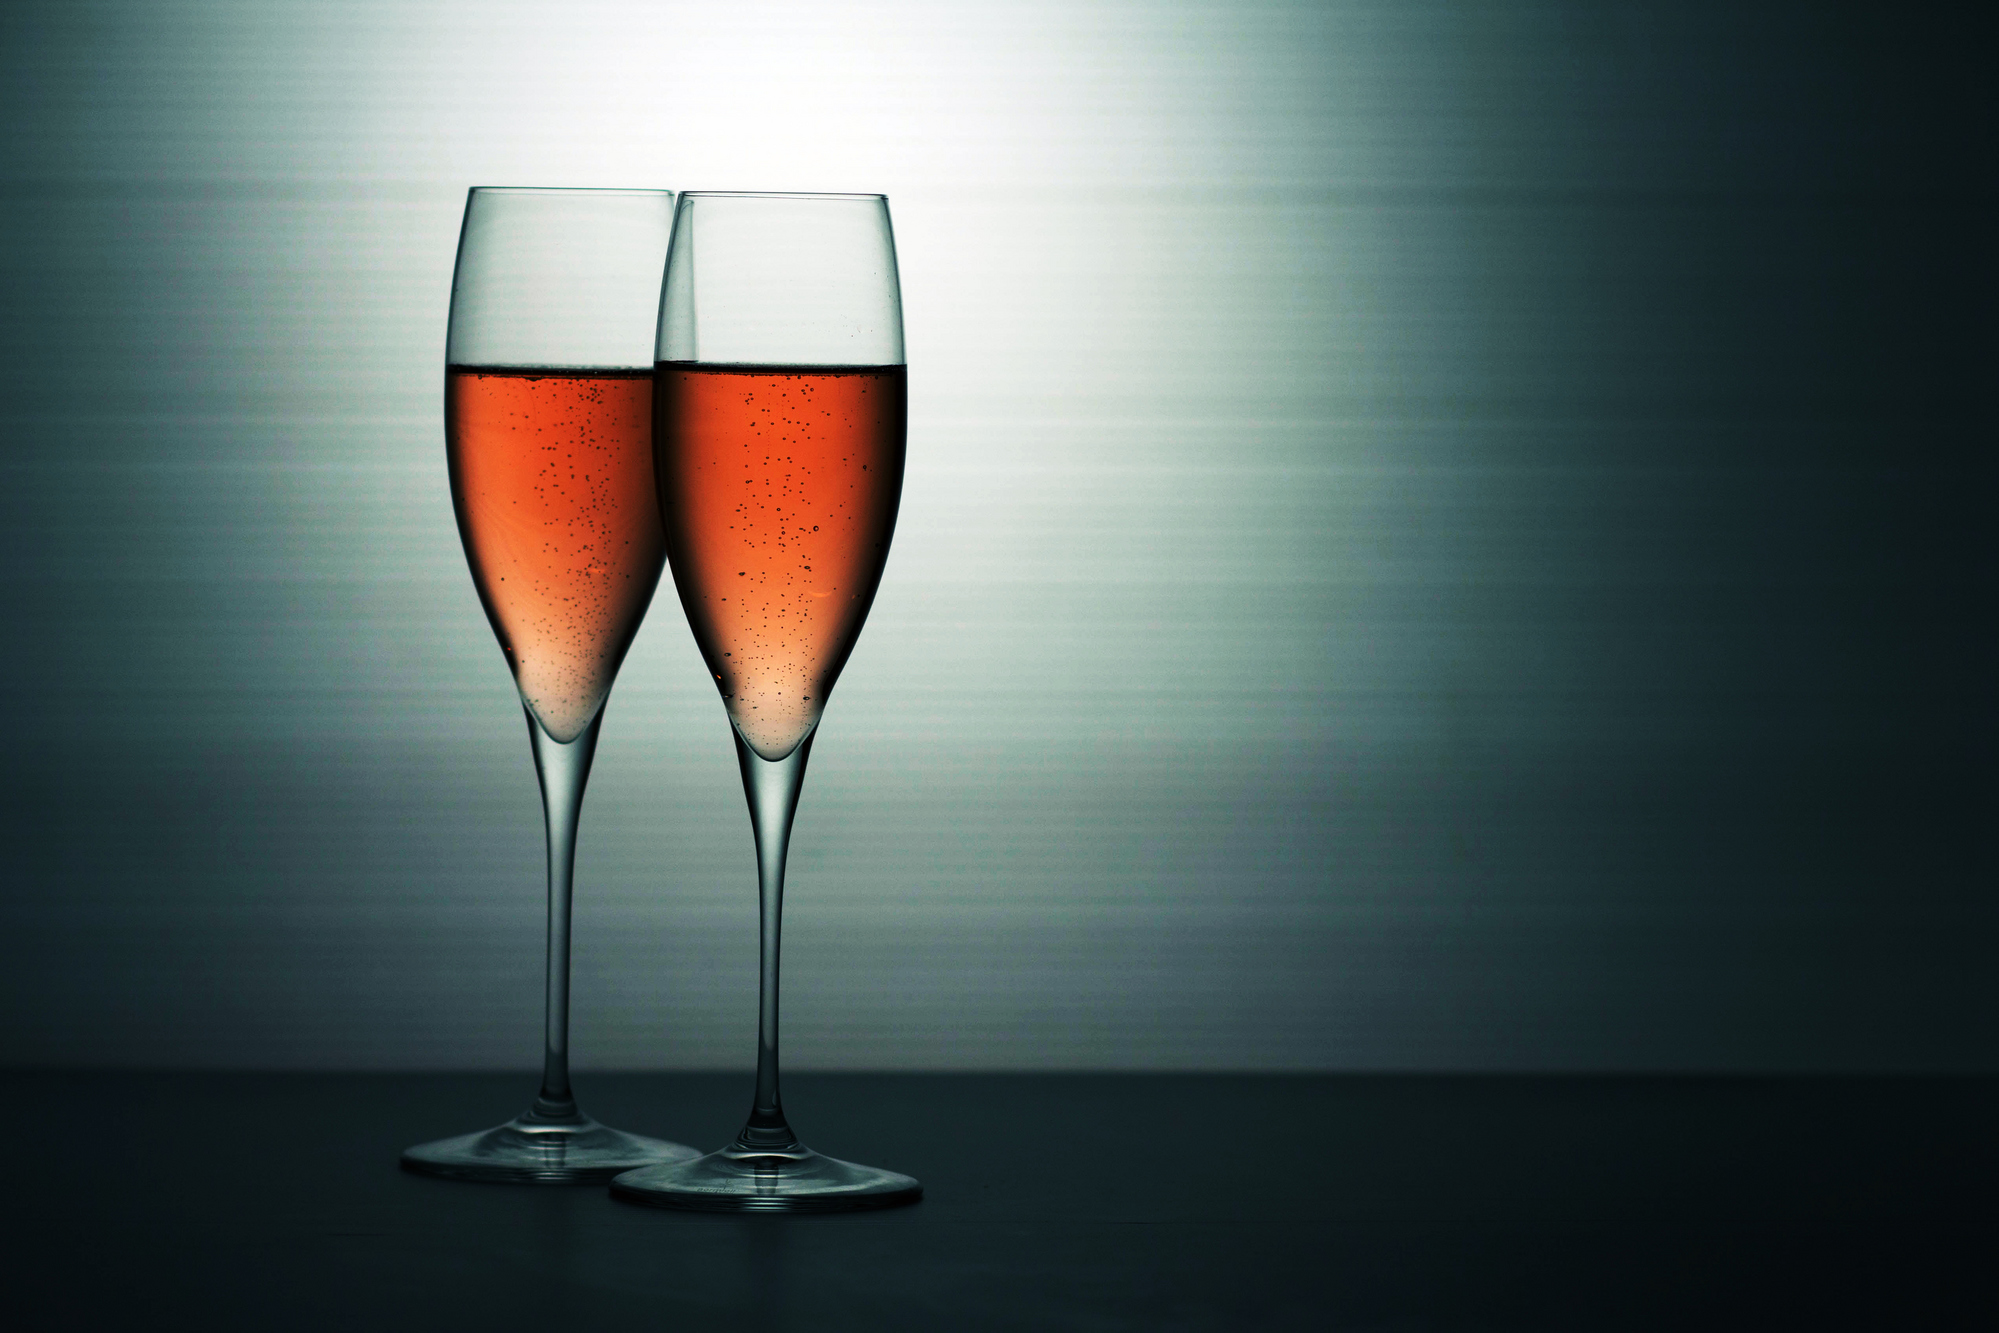 11月22日の「いい夫婦の日」は入籍する人が多い?「結婚記念日(ブライダルデー)」人気の日はいつ?